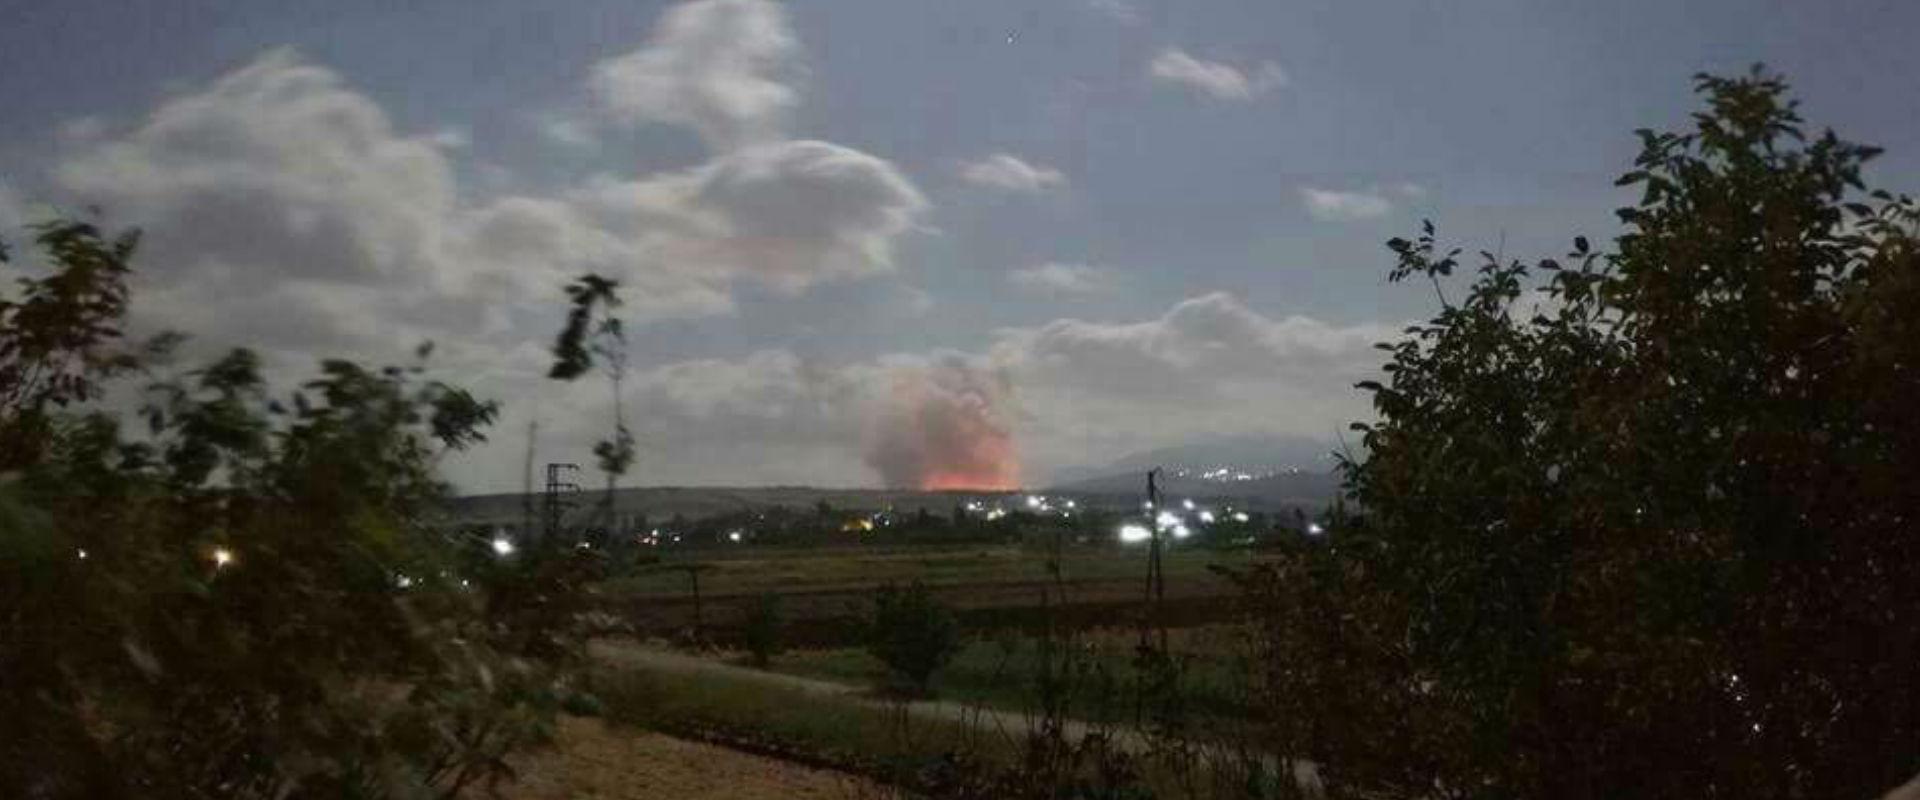 האתר שהותקף לפי דיווחים בסוריה